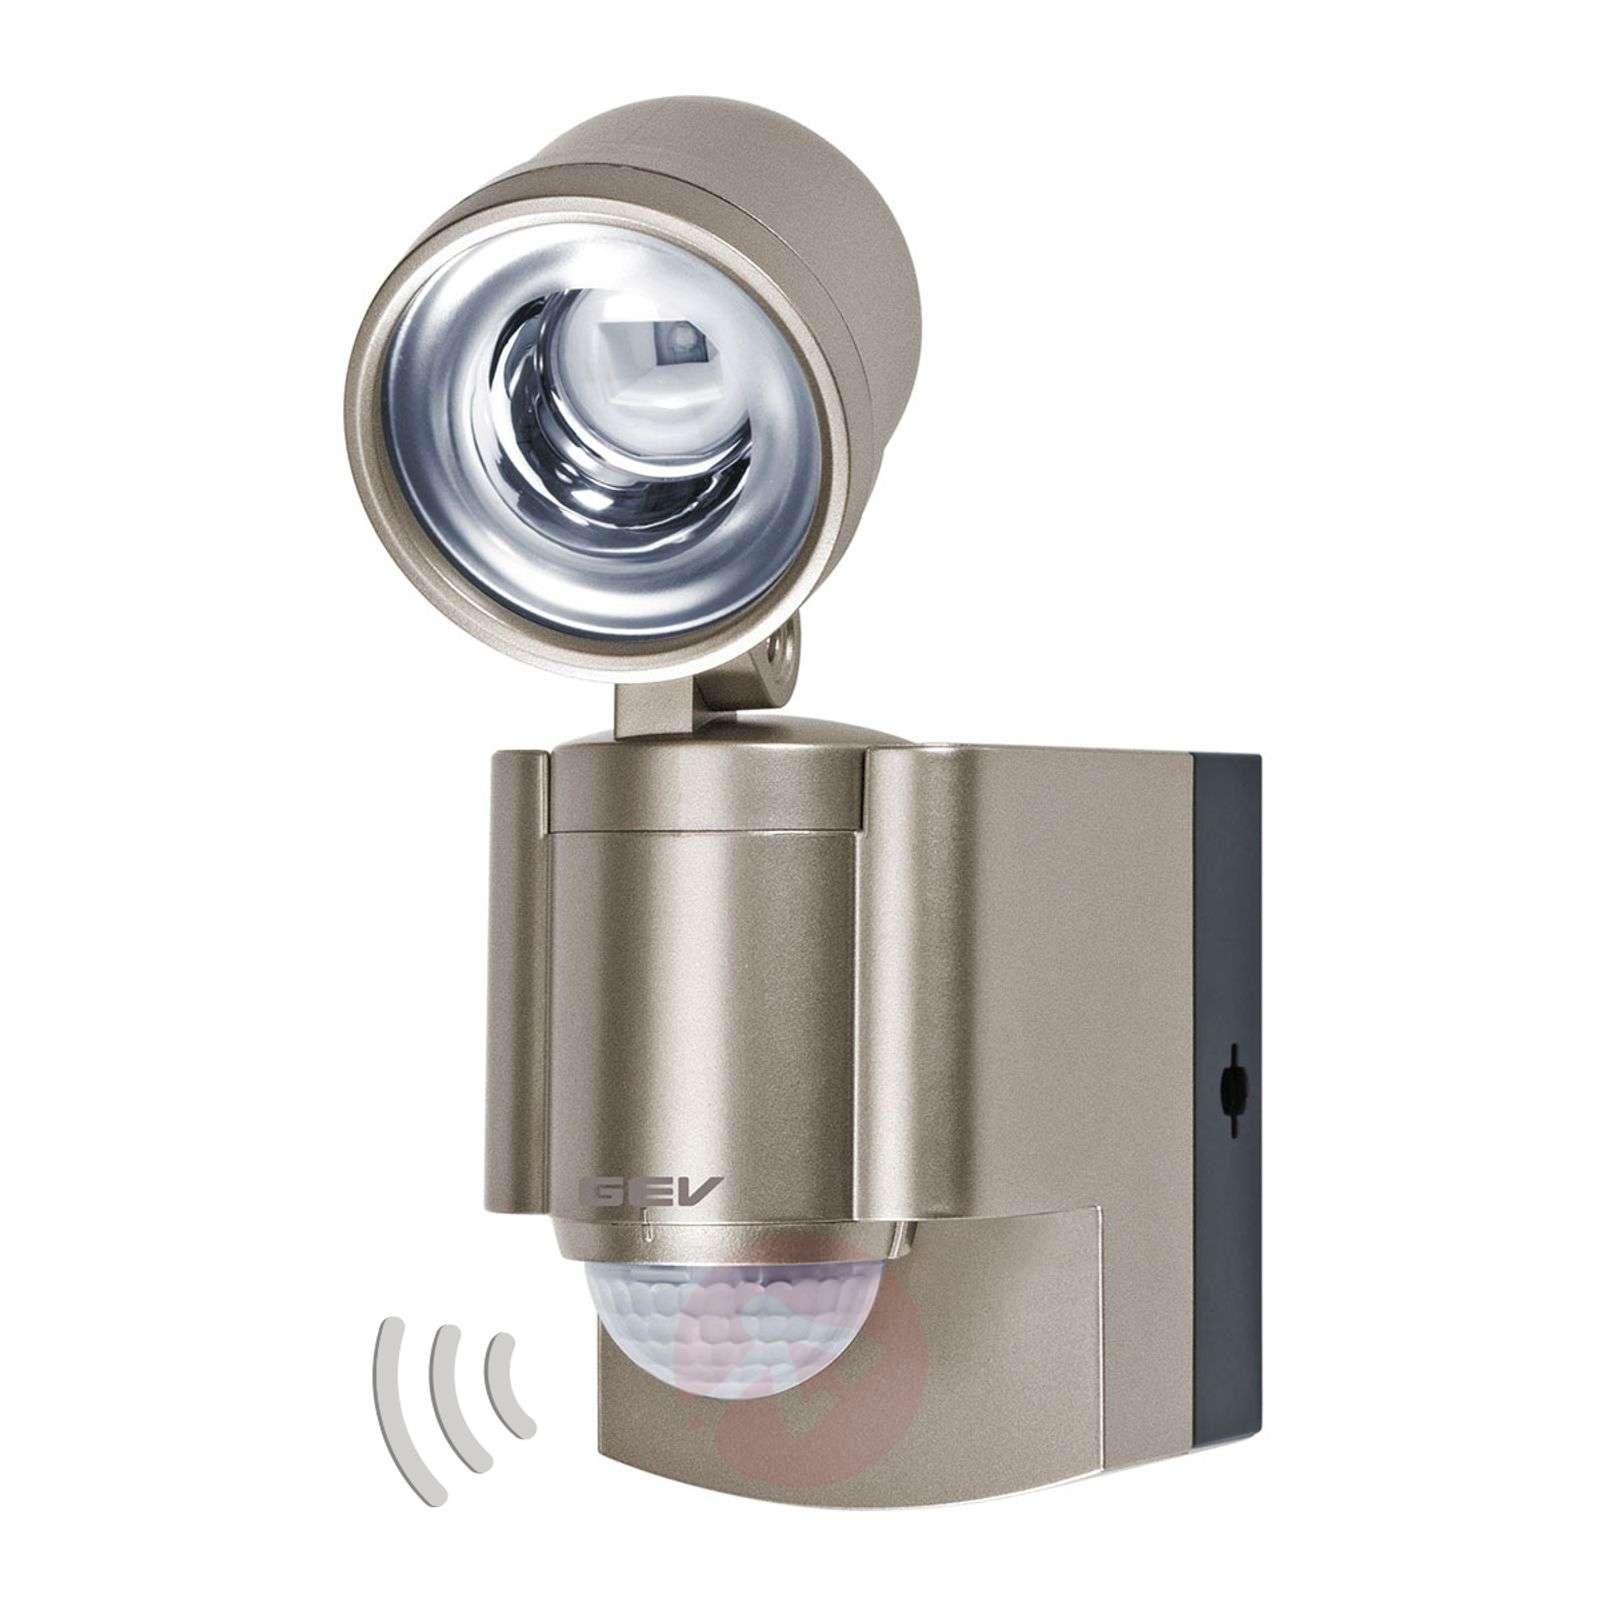 Paristokäyttöinen LED-valaisin LLL 140 liiketunn.-4013089-05